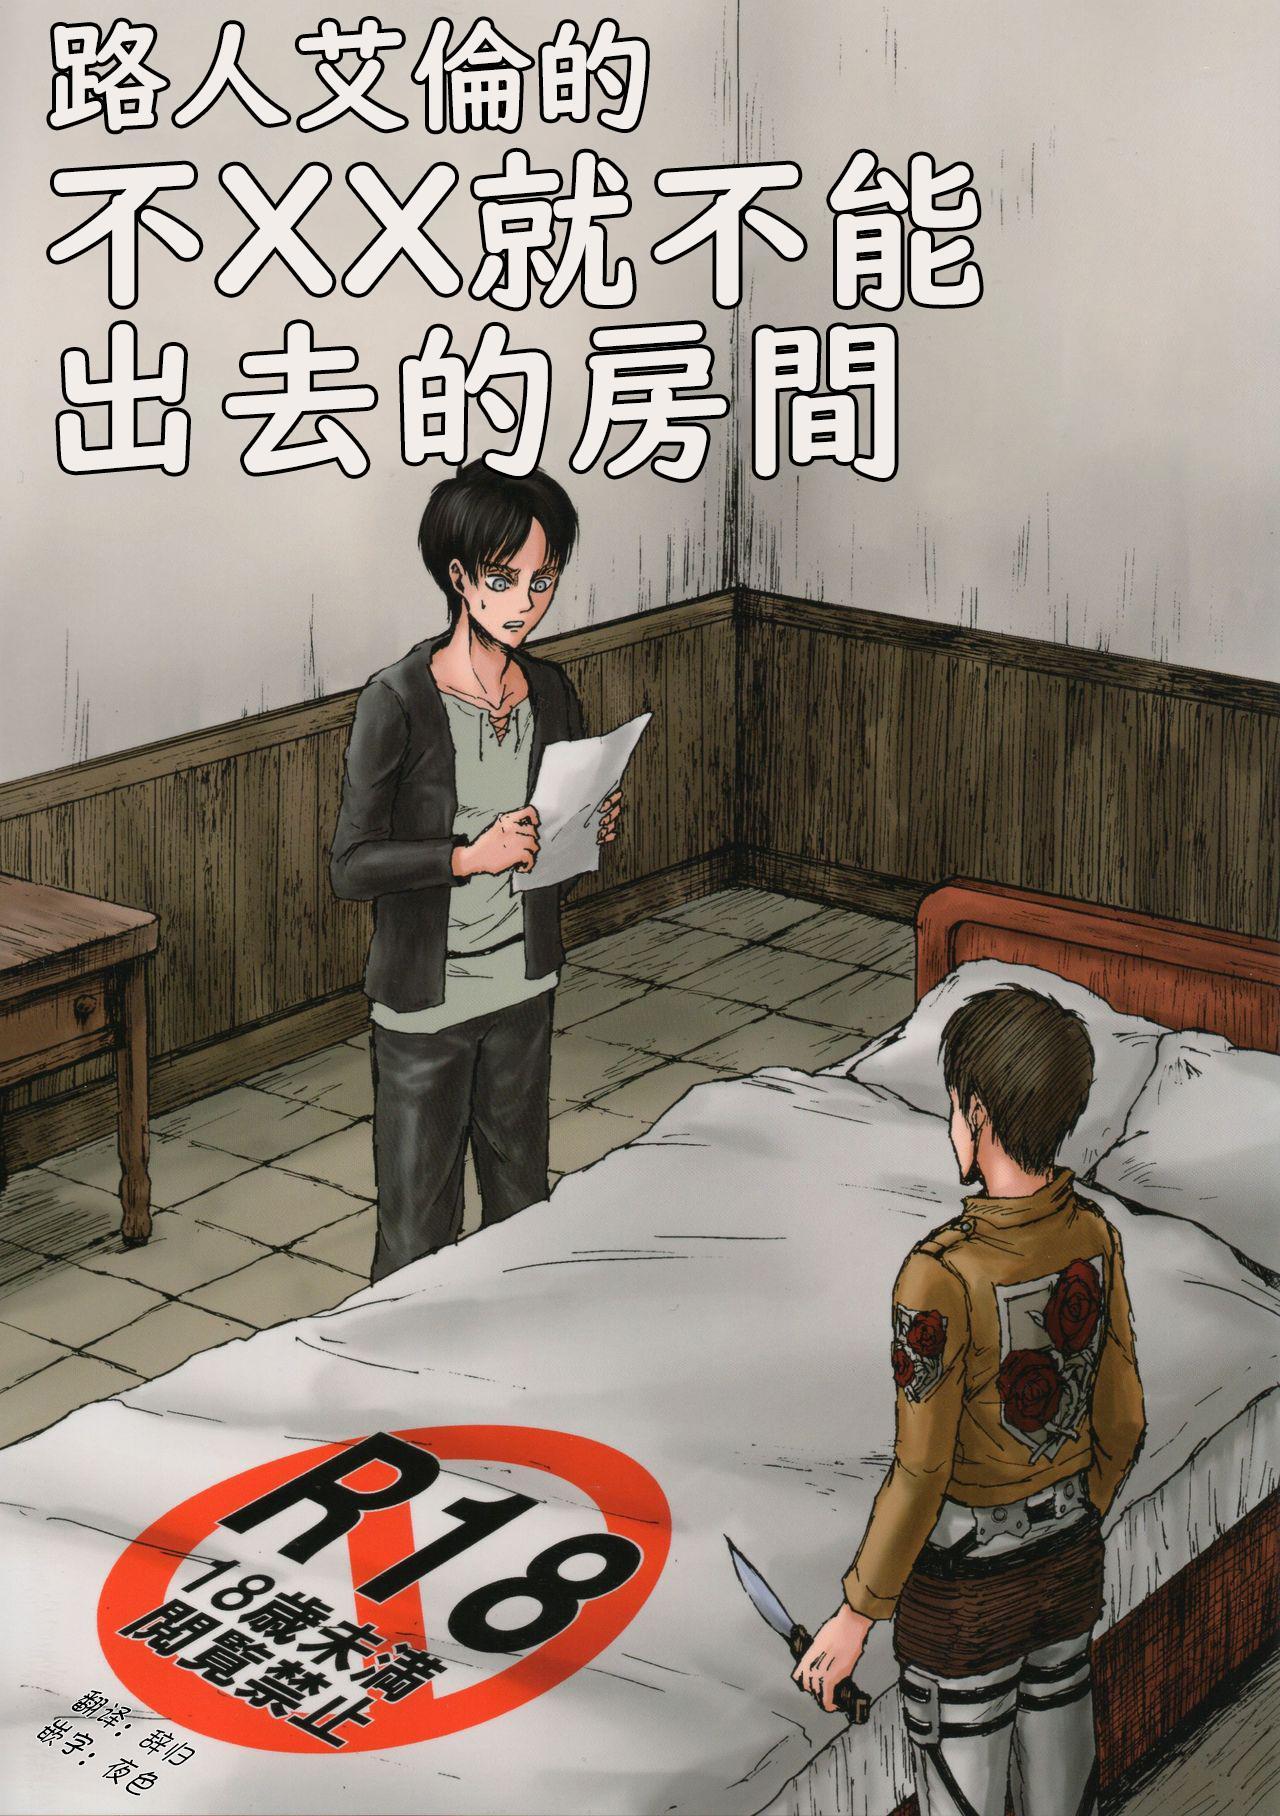 MobEre no xx Shinai to Derarenai Heya 0